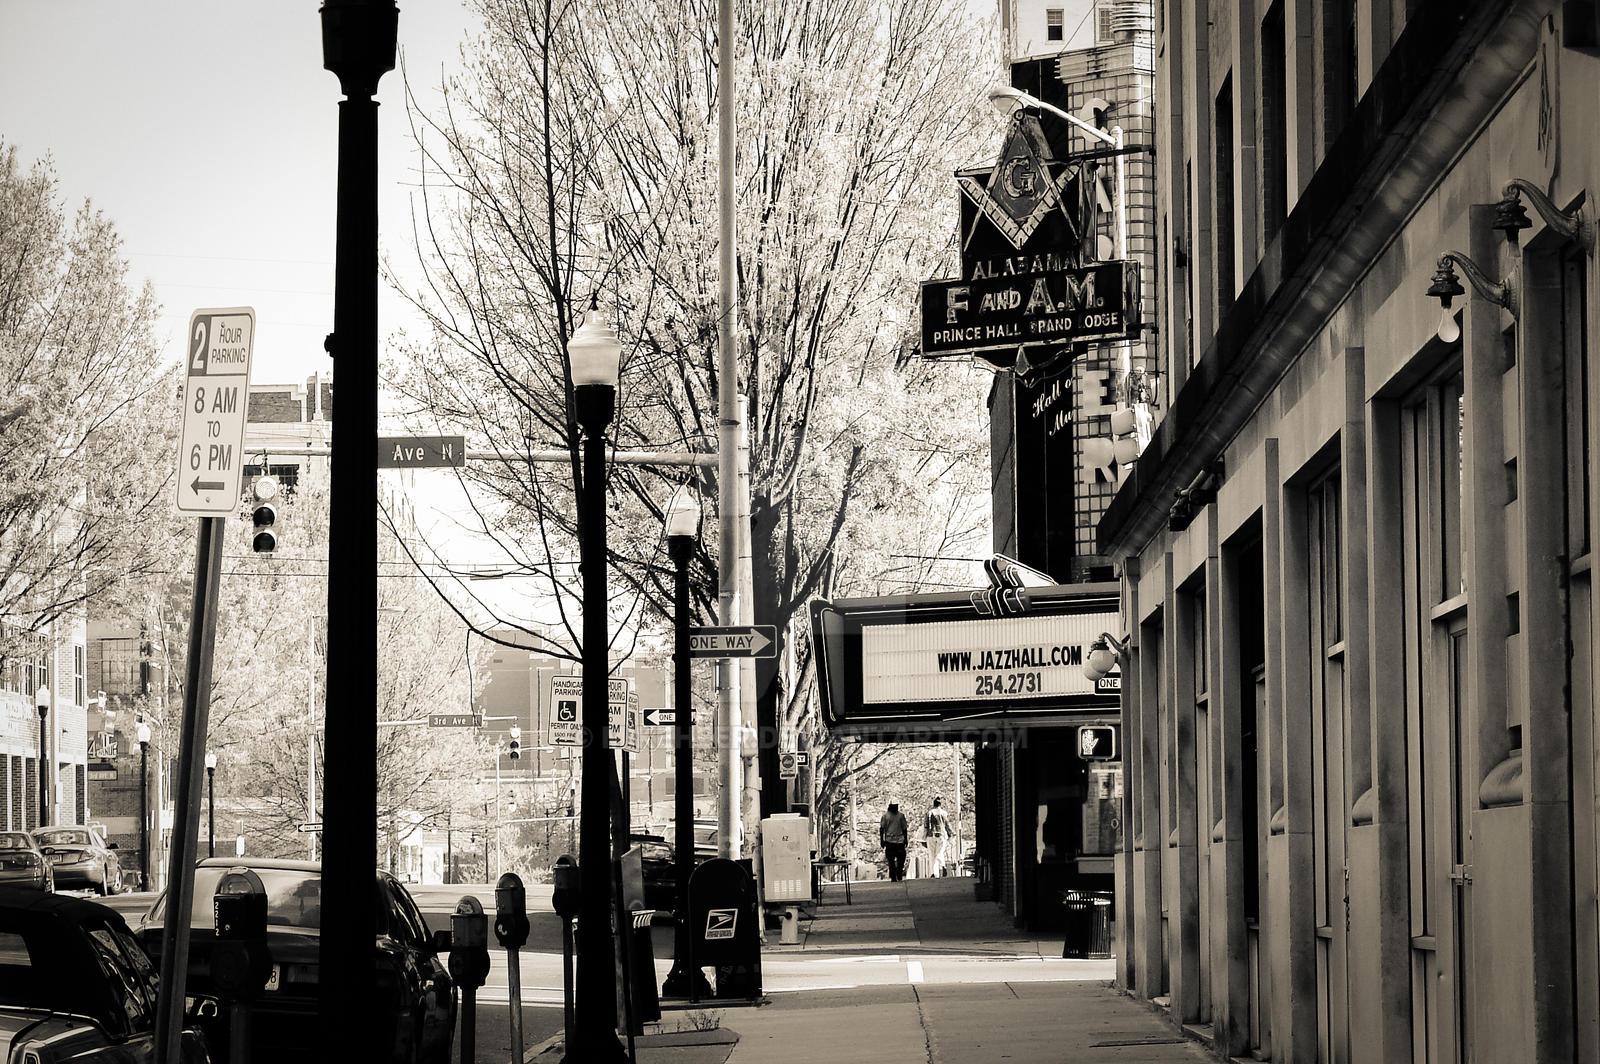 Birmingham by mikeheer